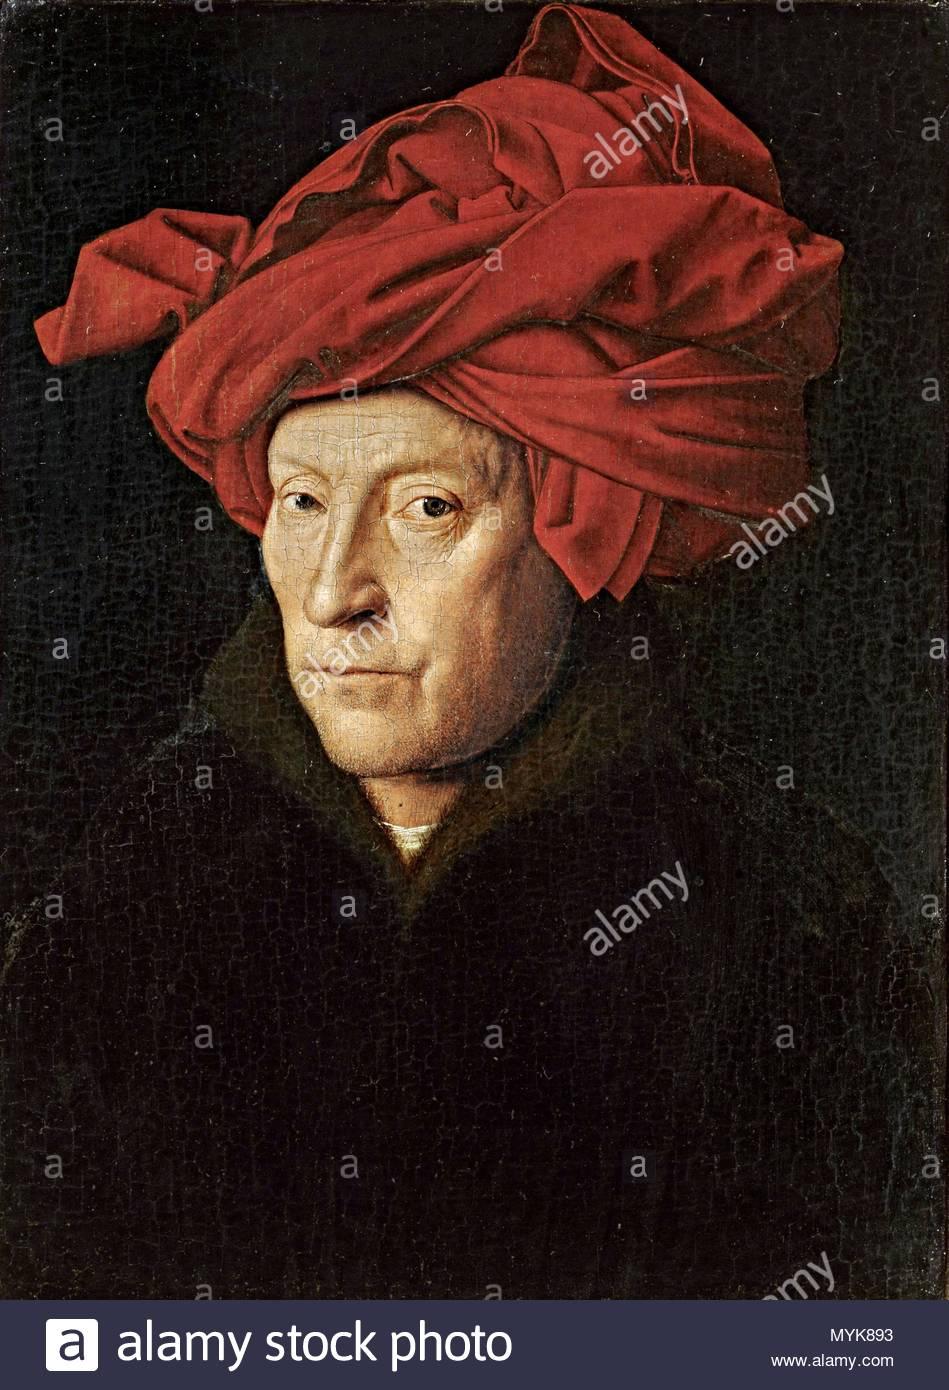 """Jan van Eyck / """"Ritratto di un uomo (Autoritratto?)"""", 1433, olio su pannello, 25,5 x 19 cm. Artwork noto anche come: Retrato de hombre con turbante. Museo: Galleria Nazionale. Immagini Stock"""